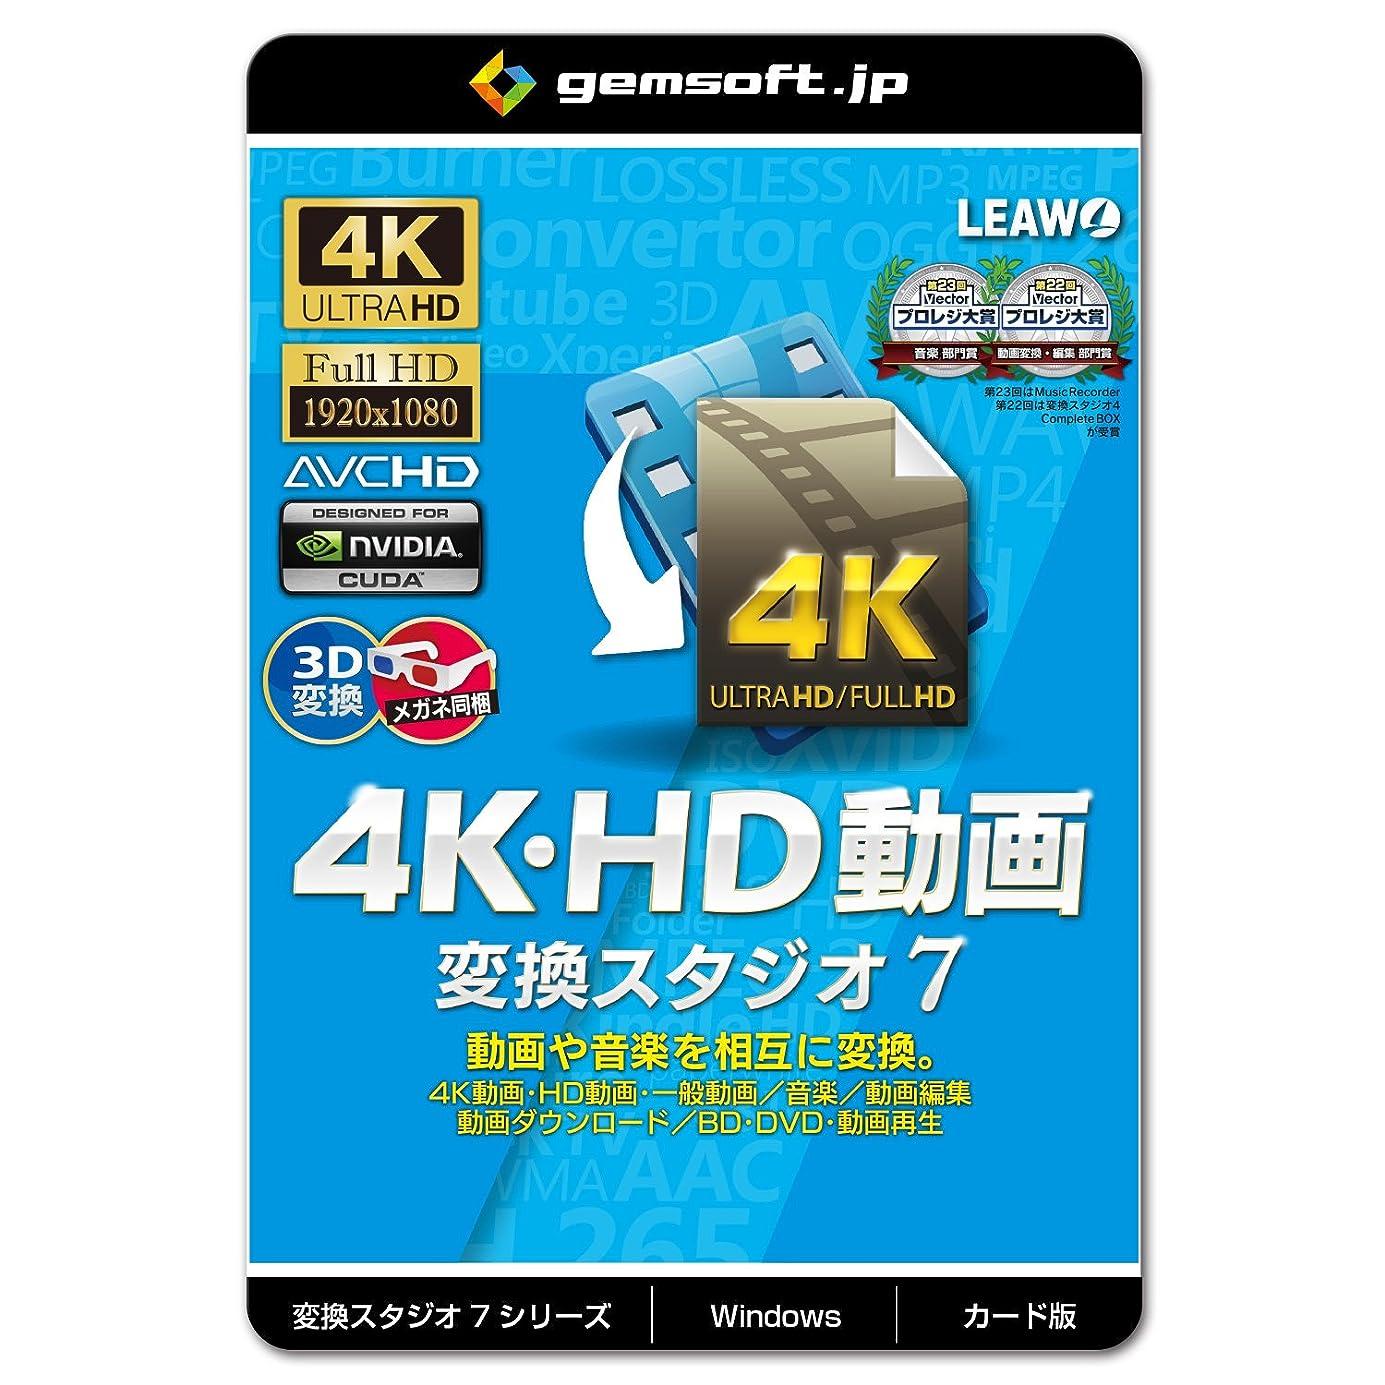 わがまま軍団剣4K?HD動画 変換スタジオ 7 | 変換スタジオ7シリーズ | カード版 | Win対応